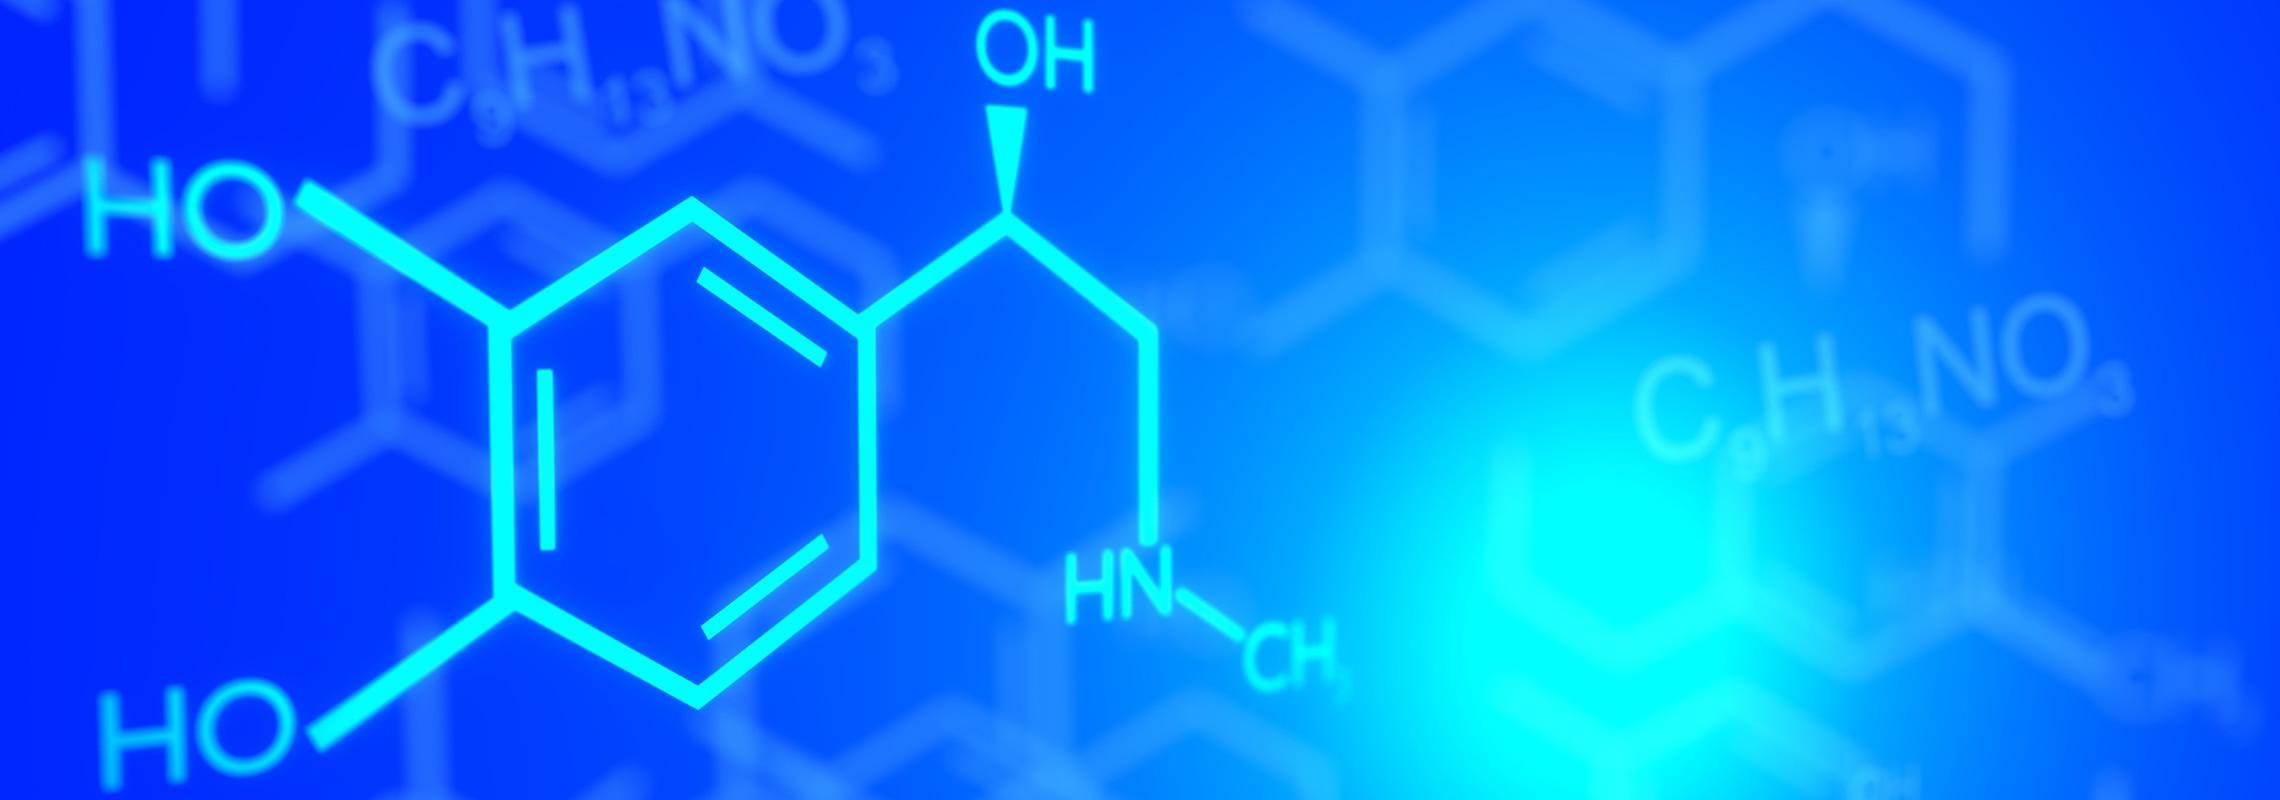 Banner Chemistry